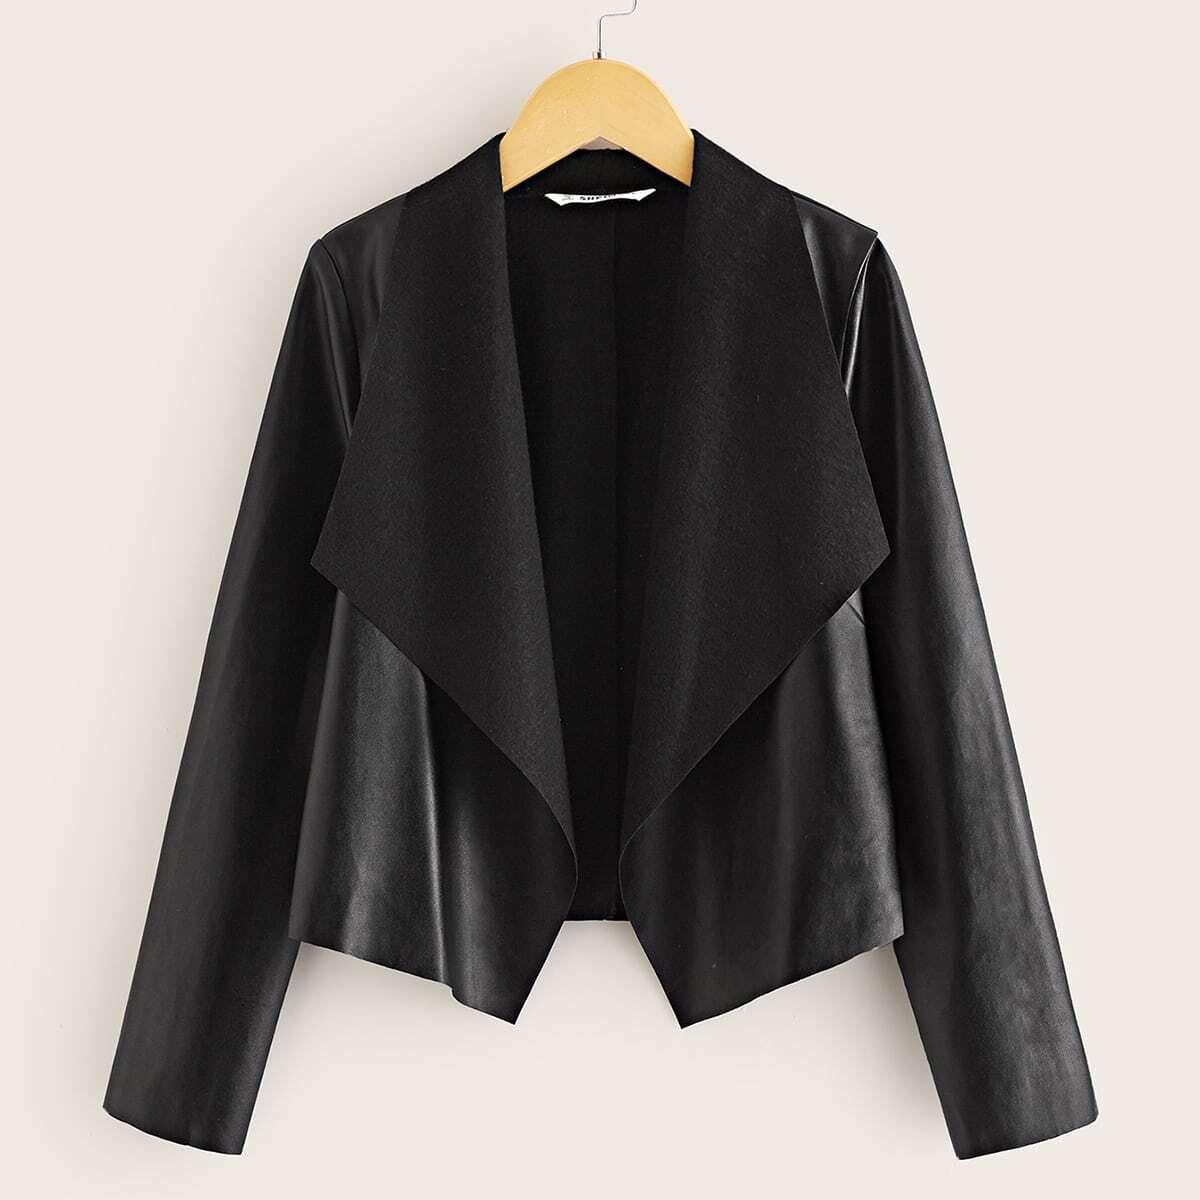 Куртка из искусственной кожи с каскадным вырезом для девочек от SHEIN